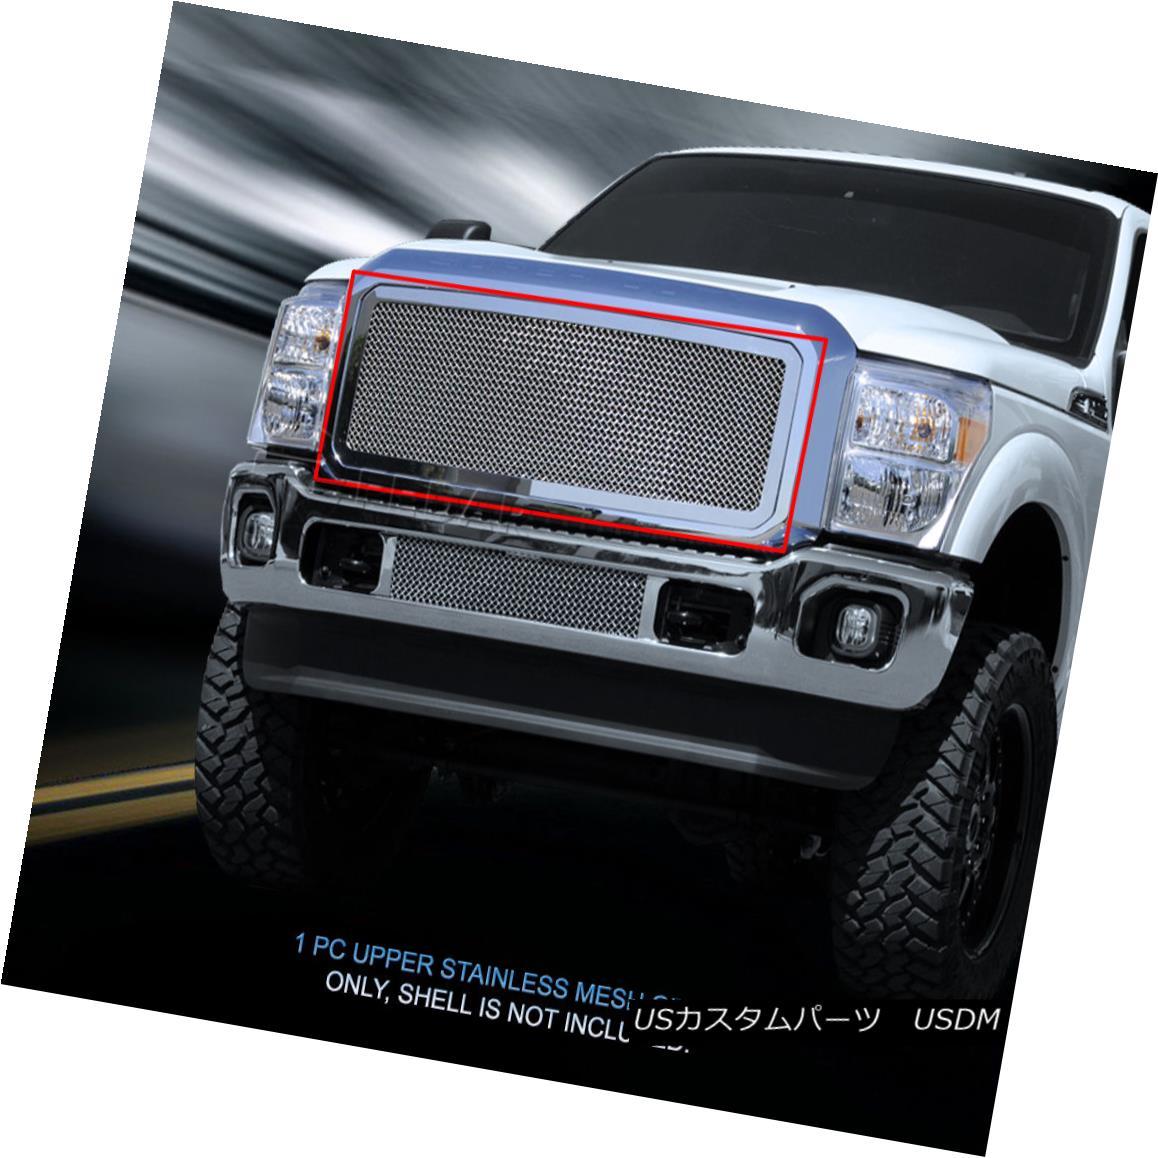 グリル Fedar Fits 2011-2015 Ford F250/F35/F450/F550 Super Duty Wire Mesh Grille Insert F550スーパーデューティーワイヤーメッシュグリルインサート(F550 Super Duty Wire Mesh Grille Insert)2011年?2015年Ford F550 / F35 / F450 /